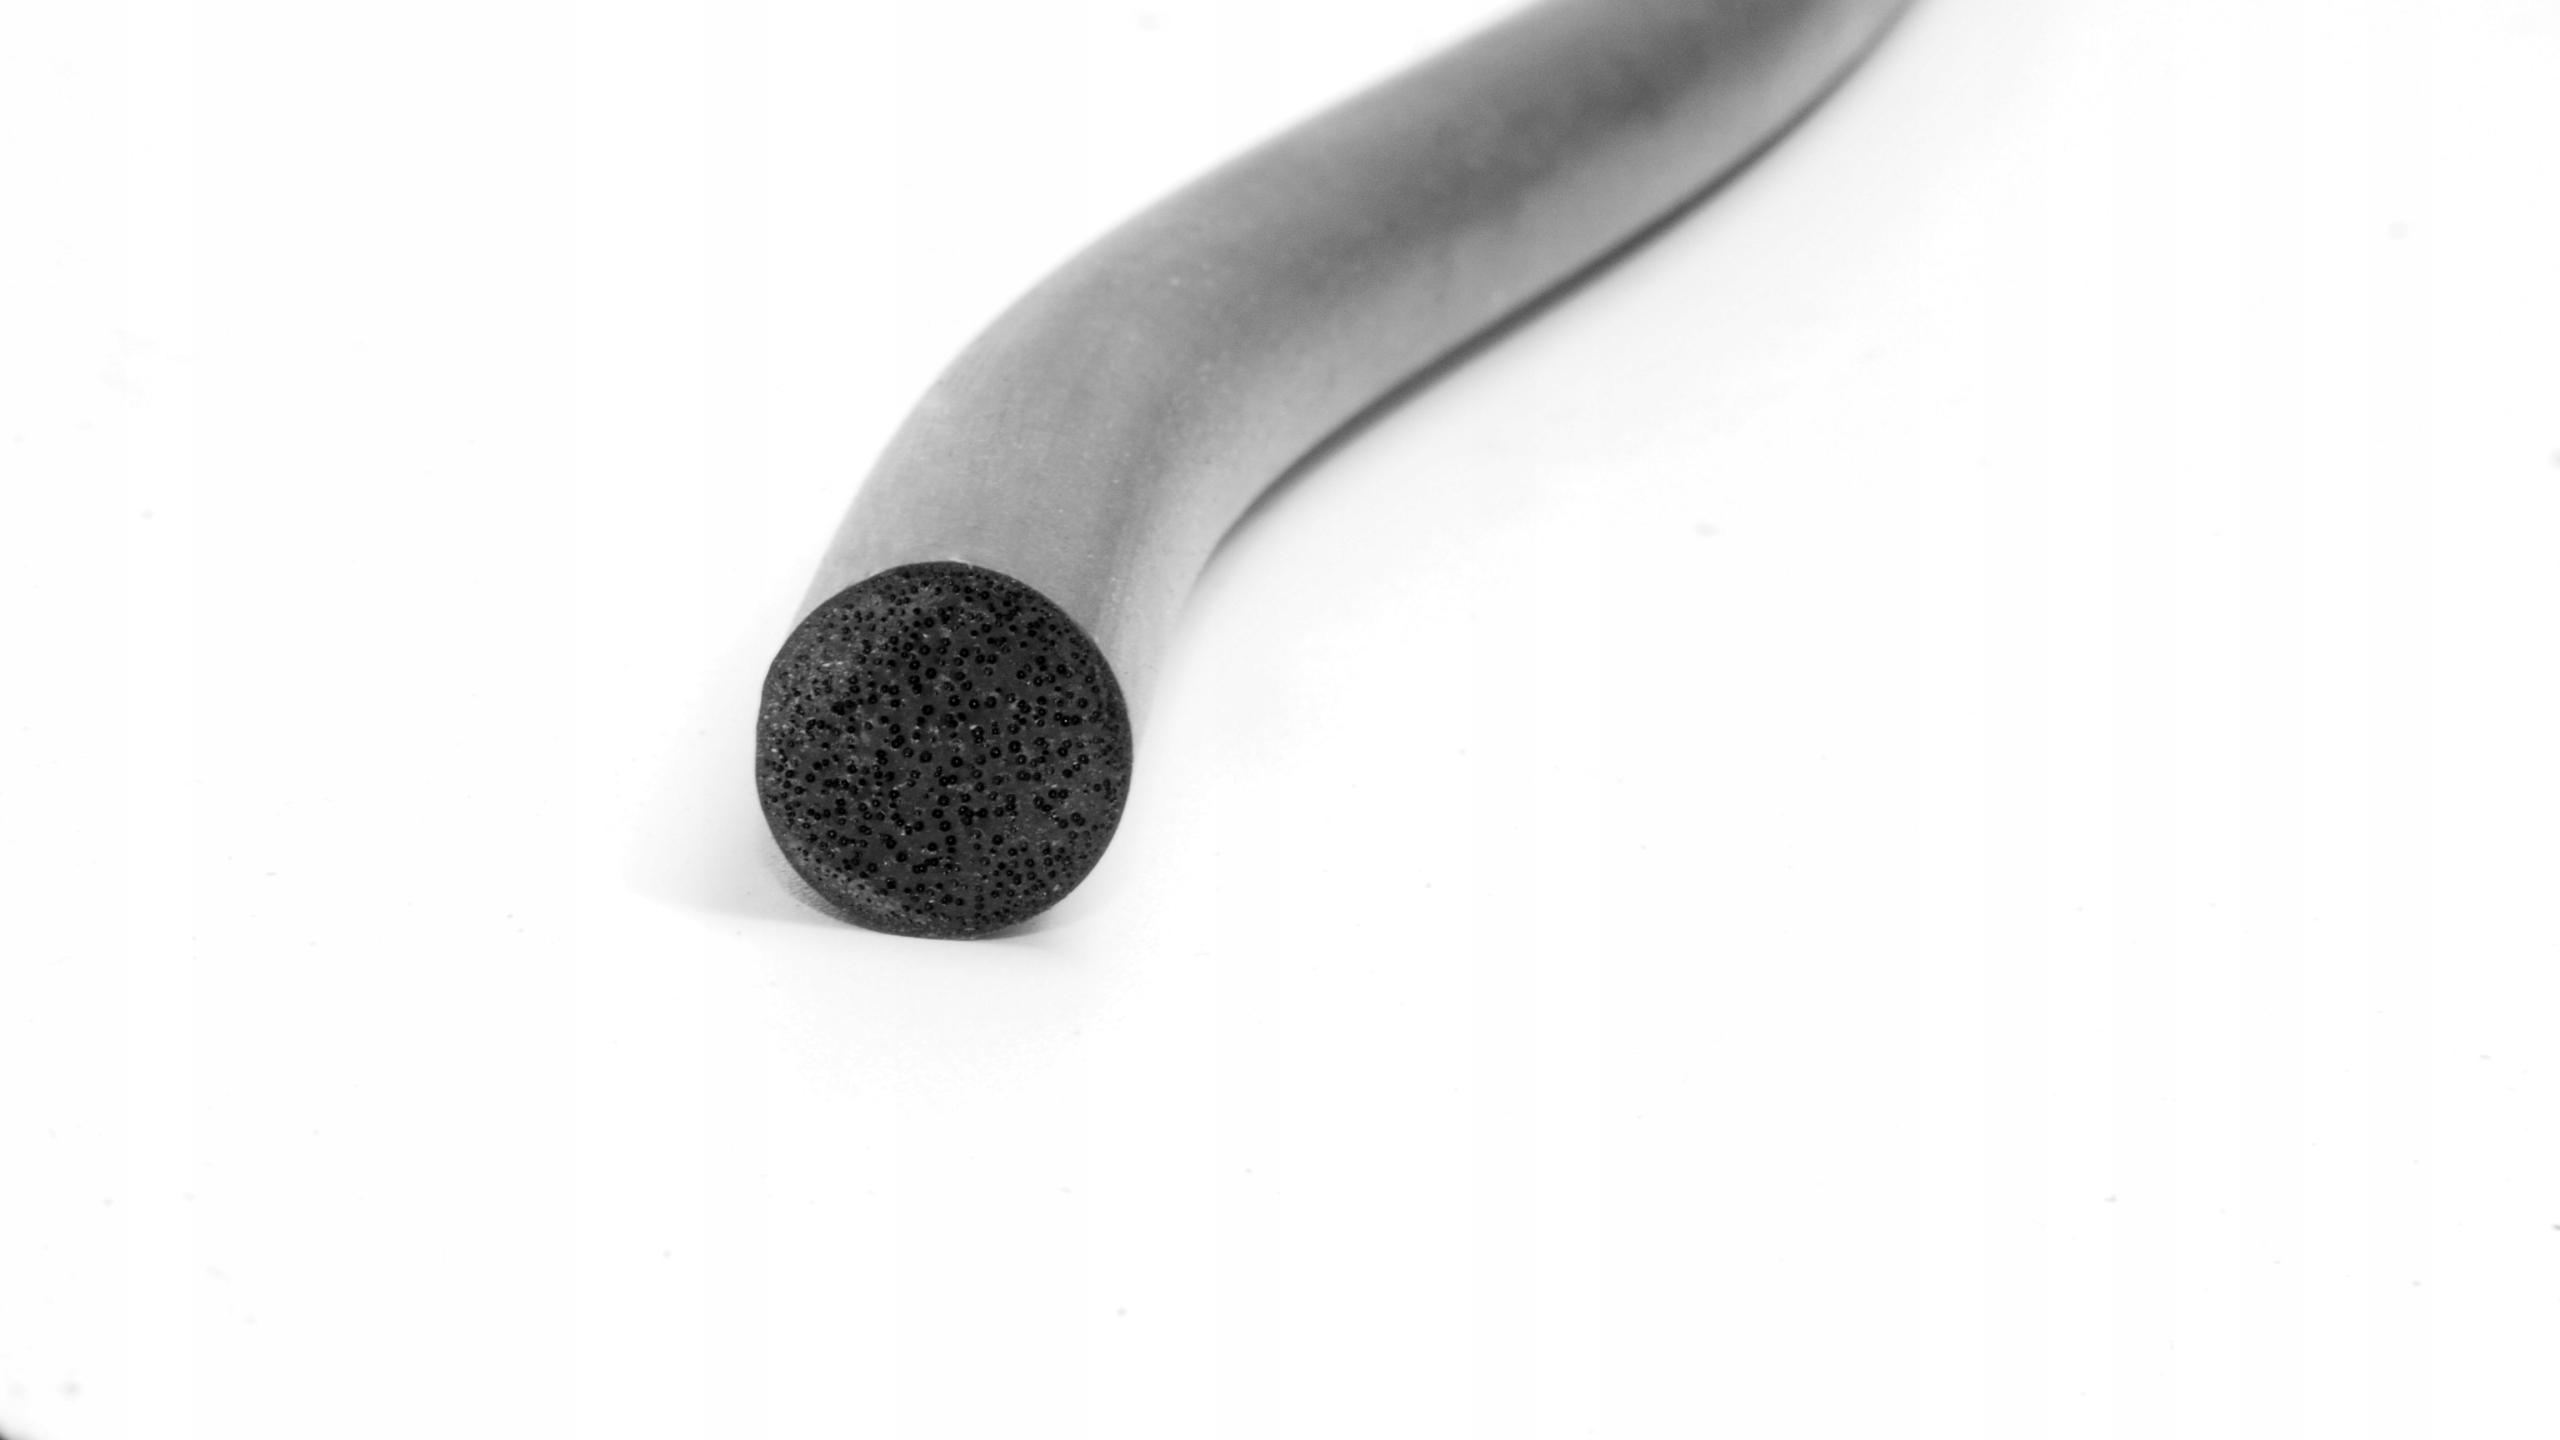 Пористый резиновый шнур 4 мм EPDM (пена)